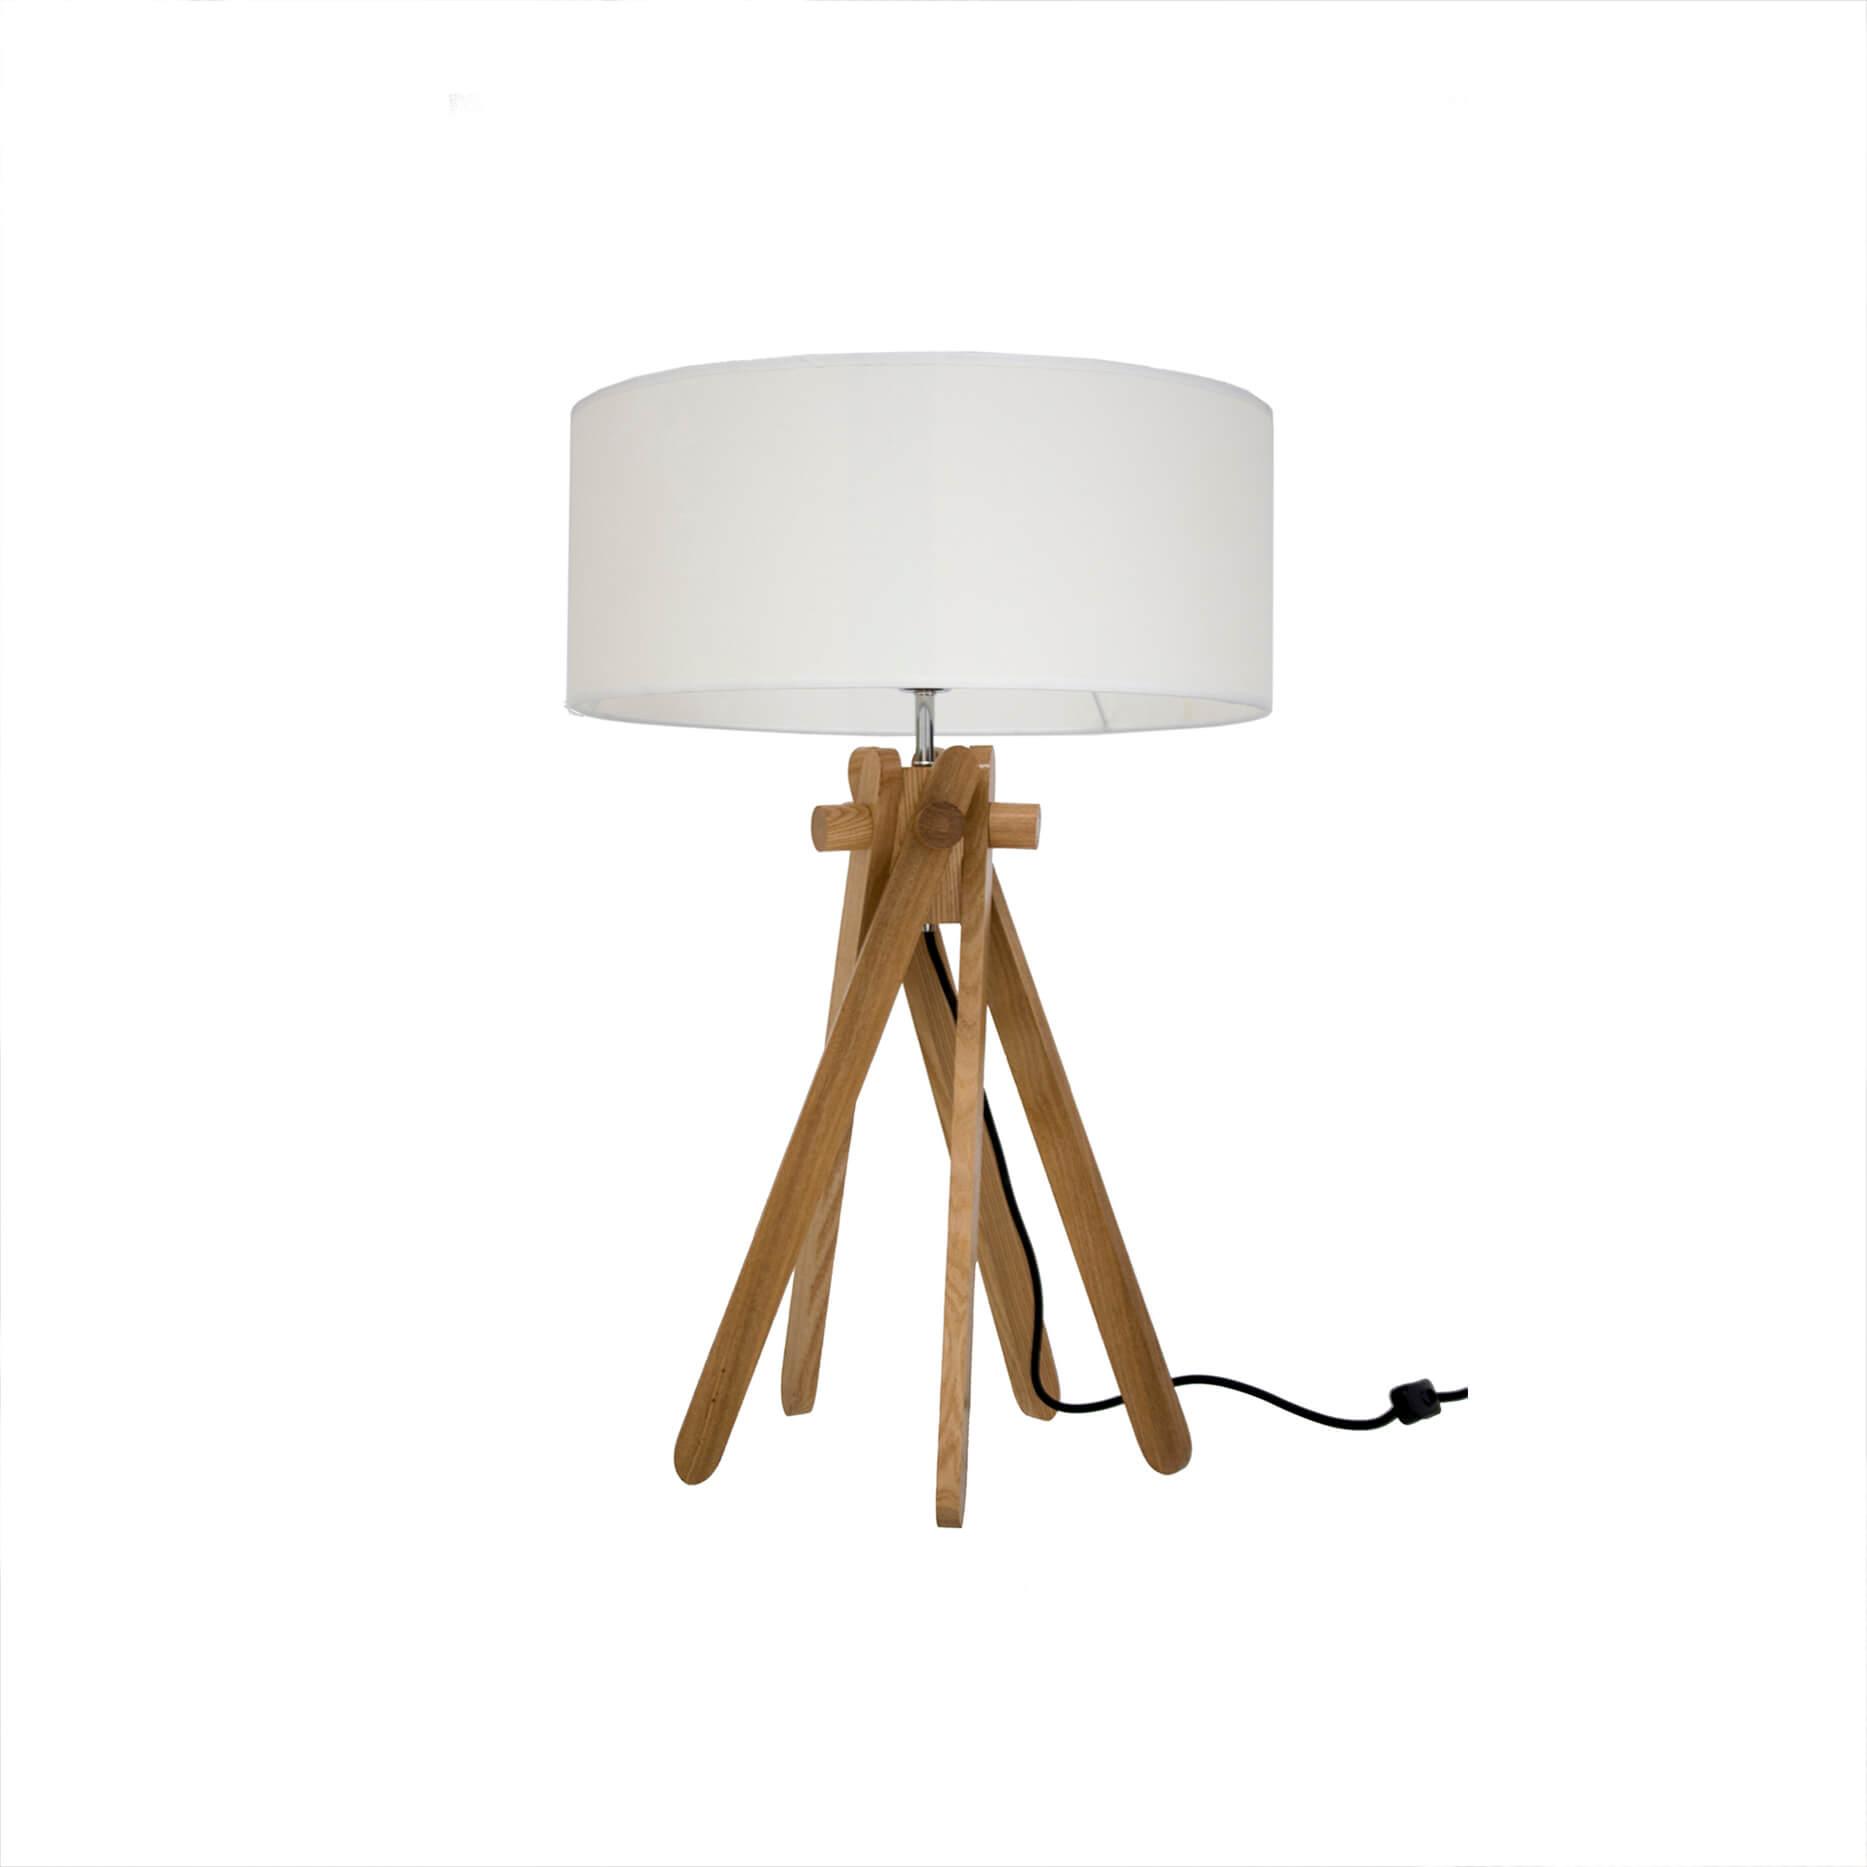 Iluminaci n quixotic co tienda de ltimas tendencias for Lamparas para mesa de estudio